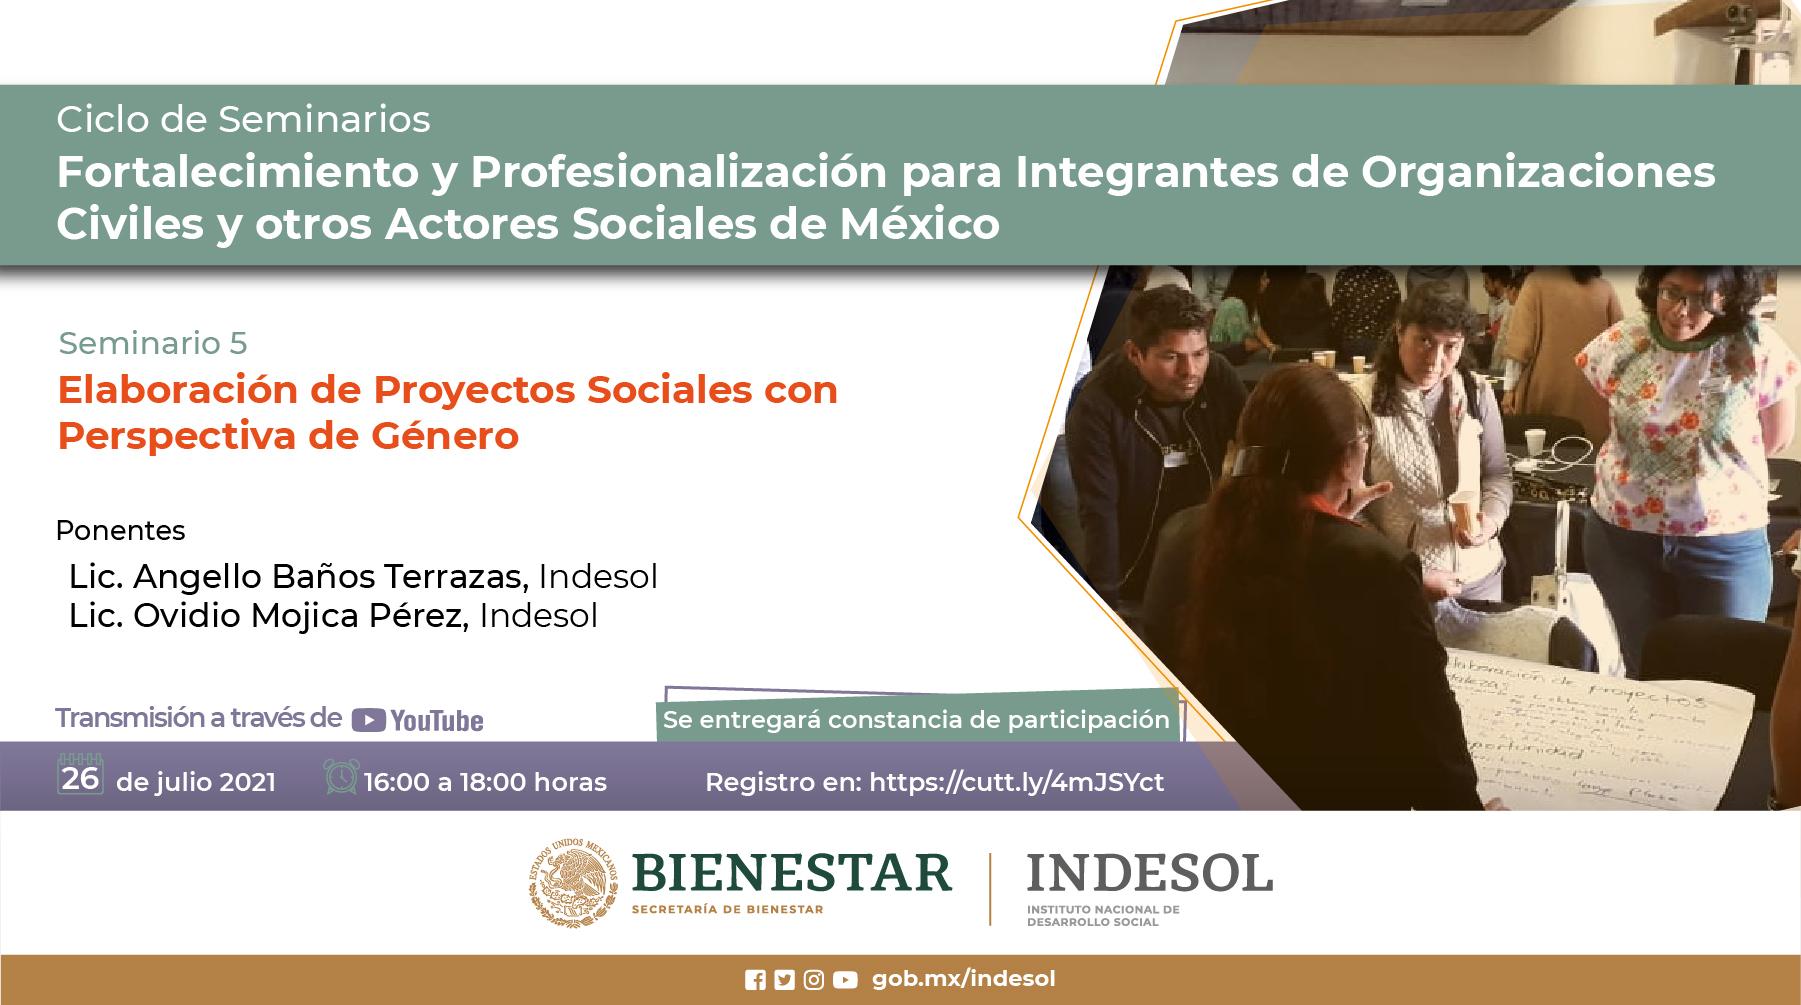 Ciclo de Seminarios de Fortalecimiento y Profesionalización para las y los Integrantes de Organizaciones Civiles y otros Actores Sociales de México